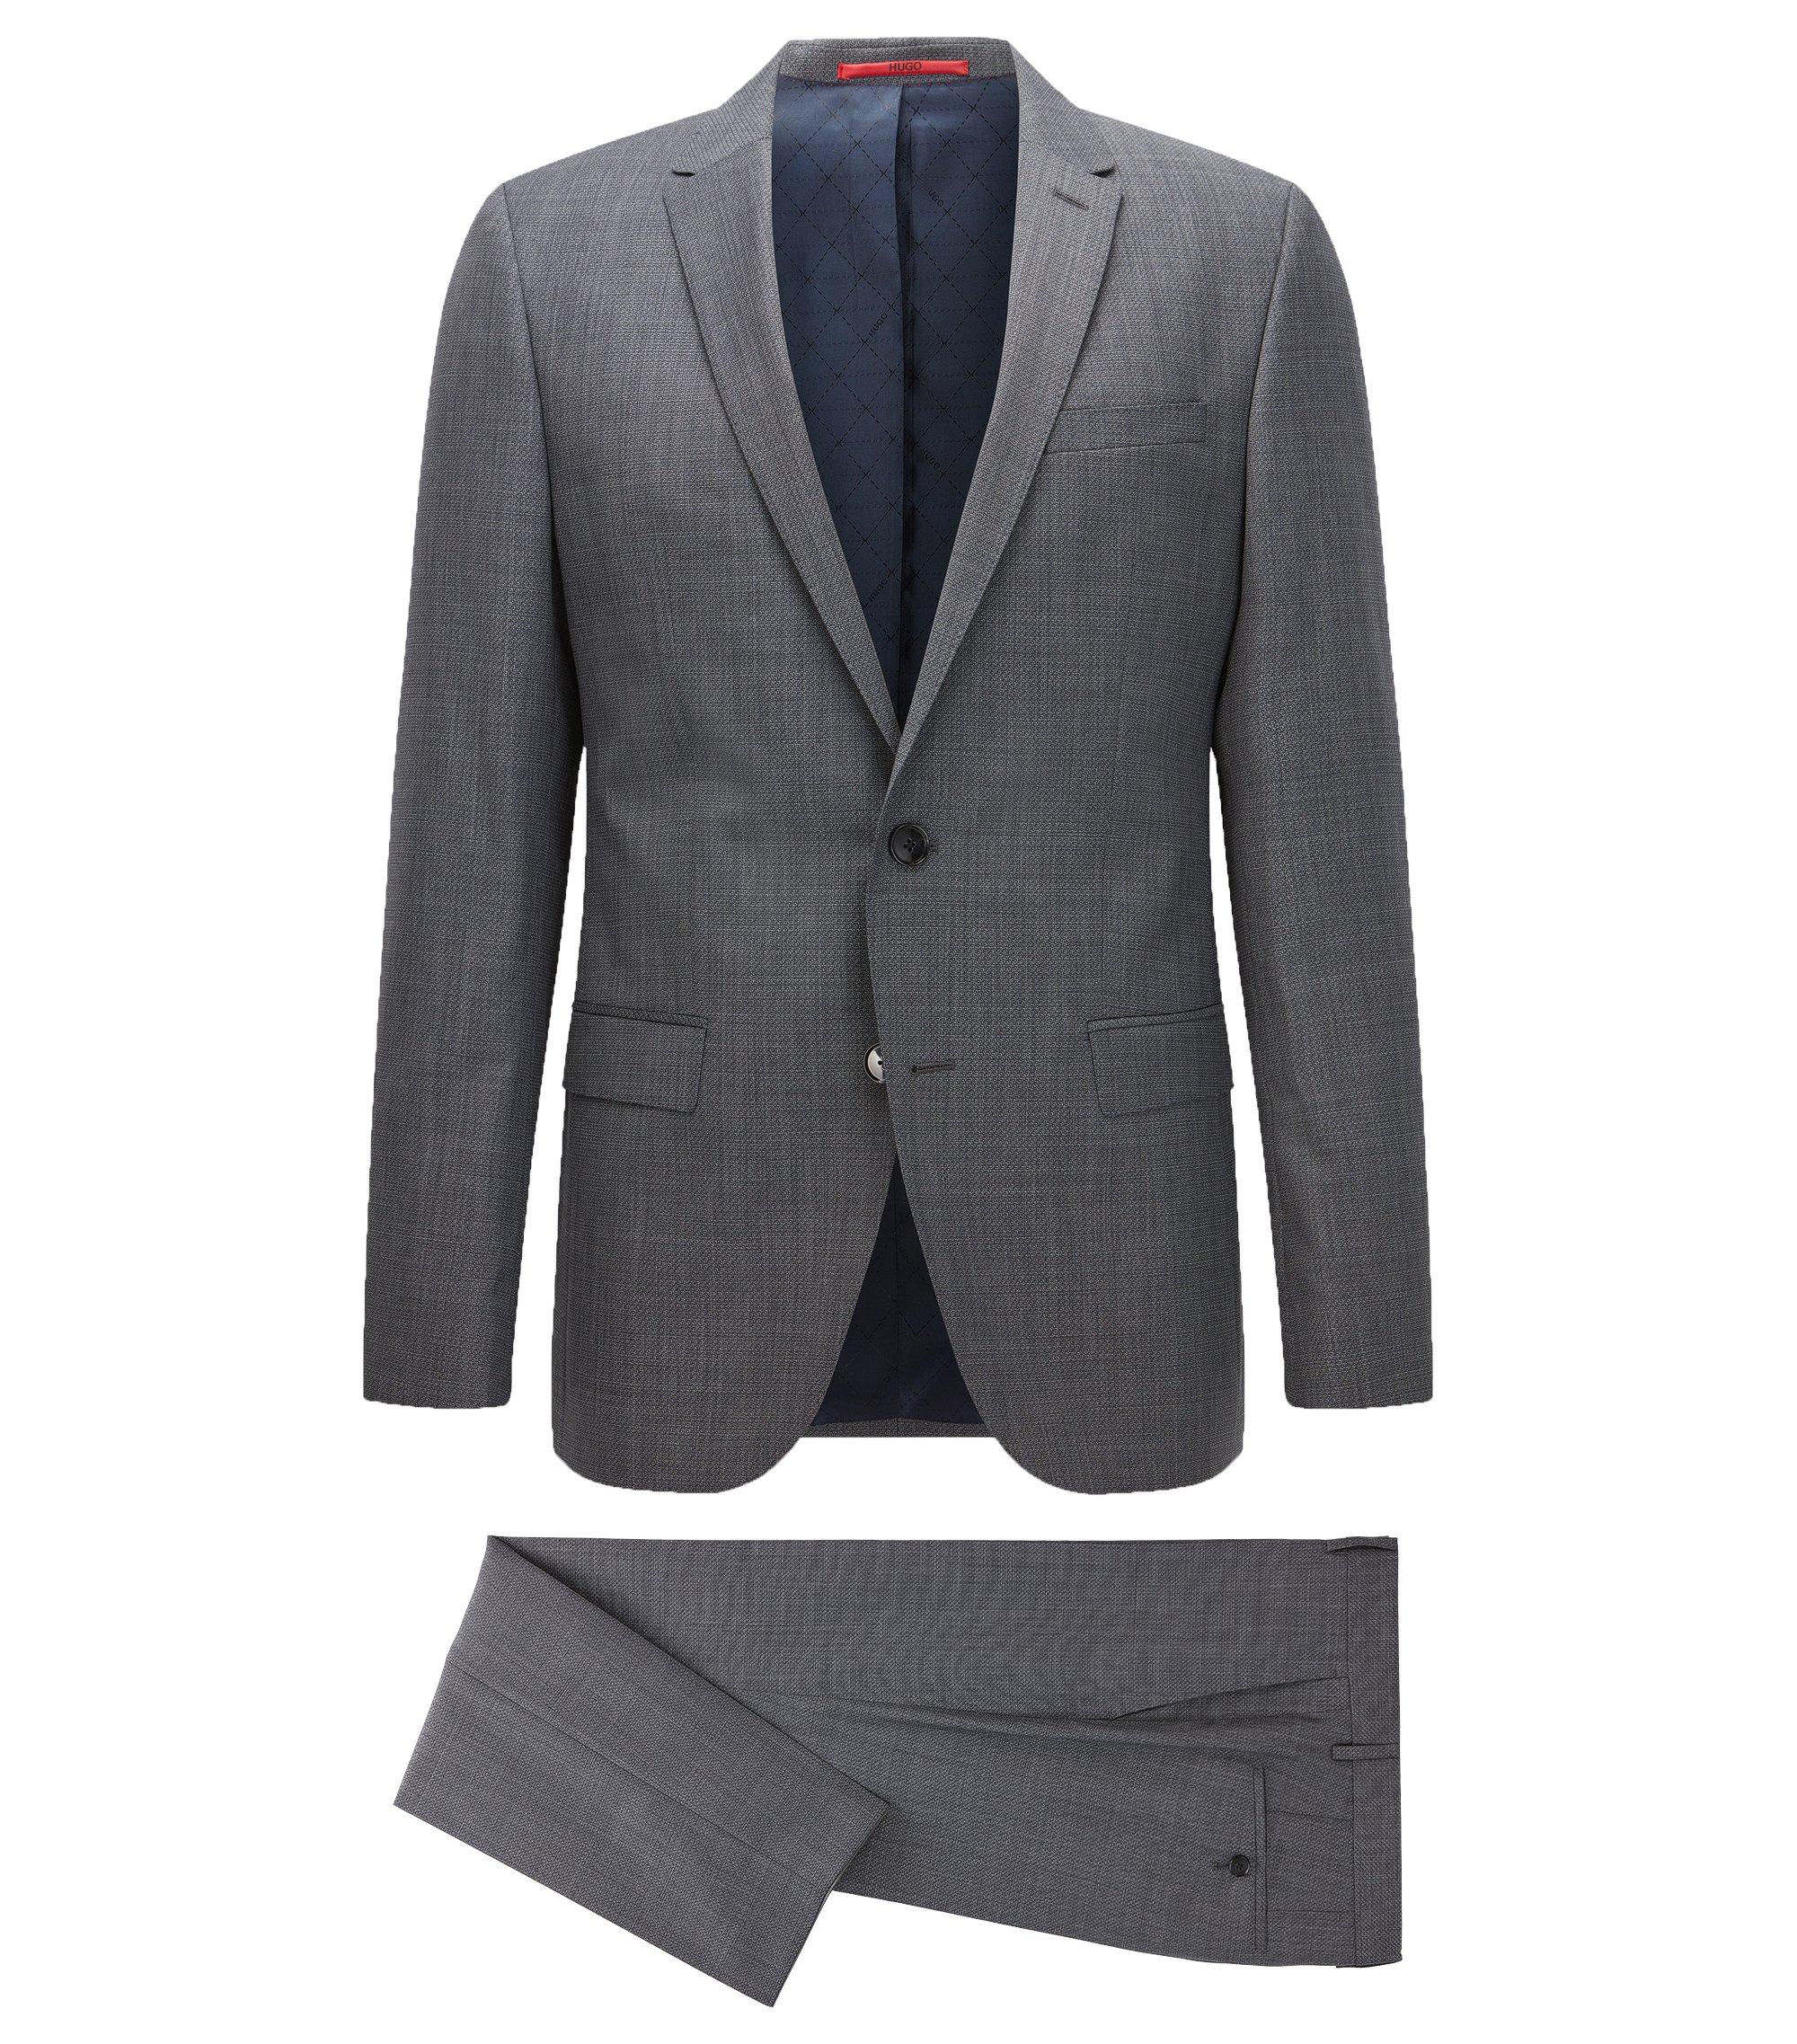 Virgin Wool Blend Suit, Slim Fit | C-Harvey/C-Getlin, Dark Blue